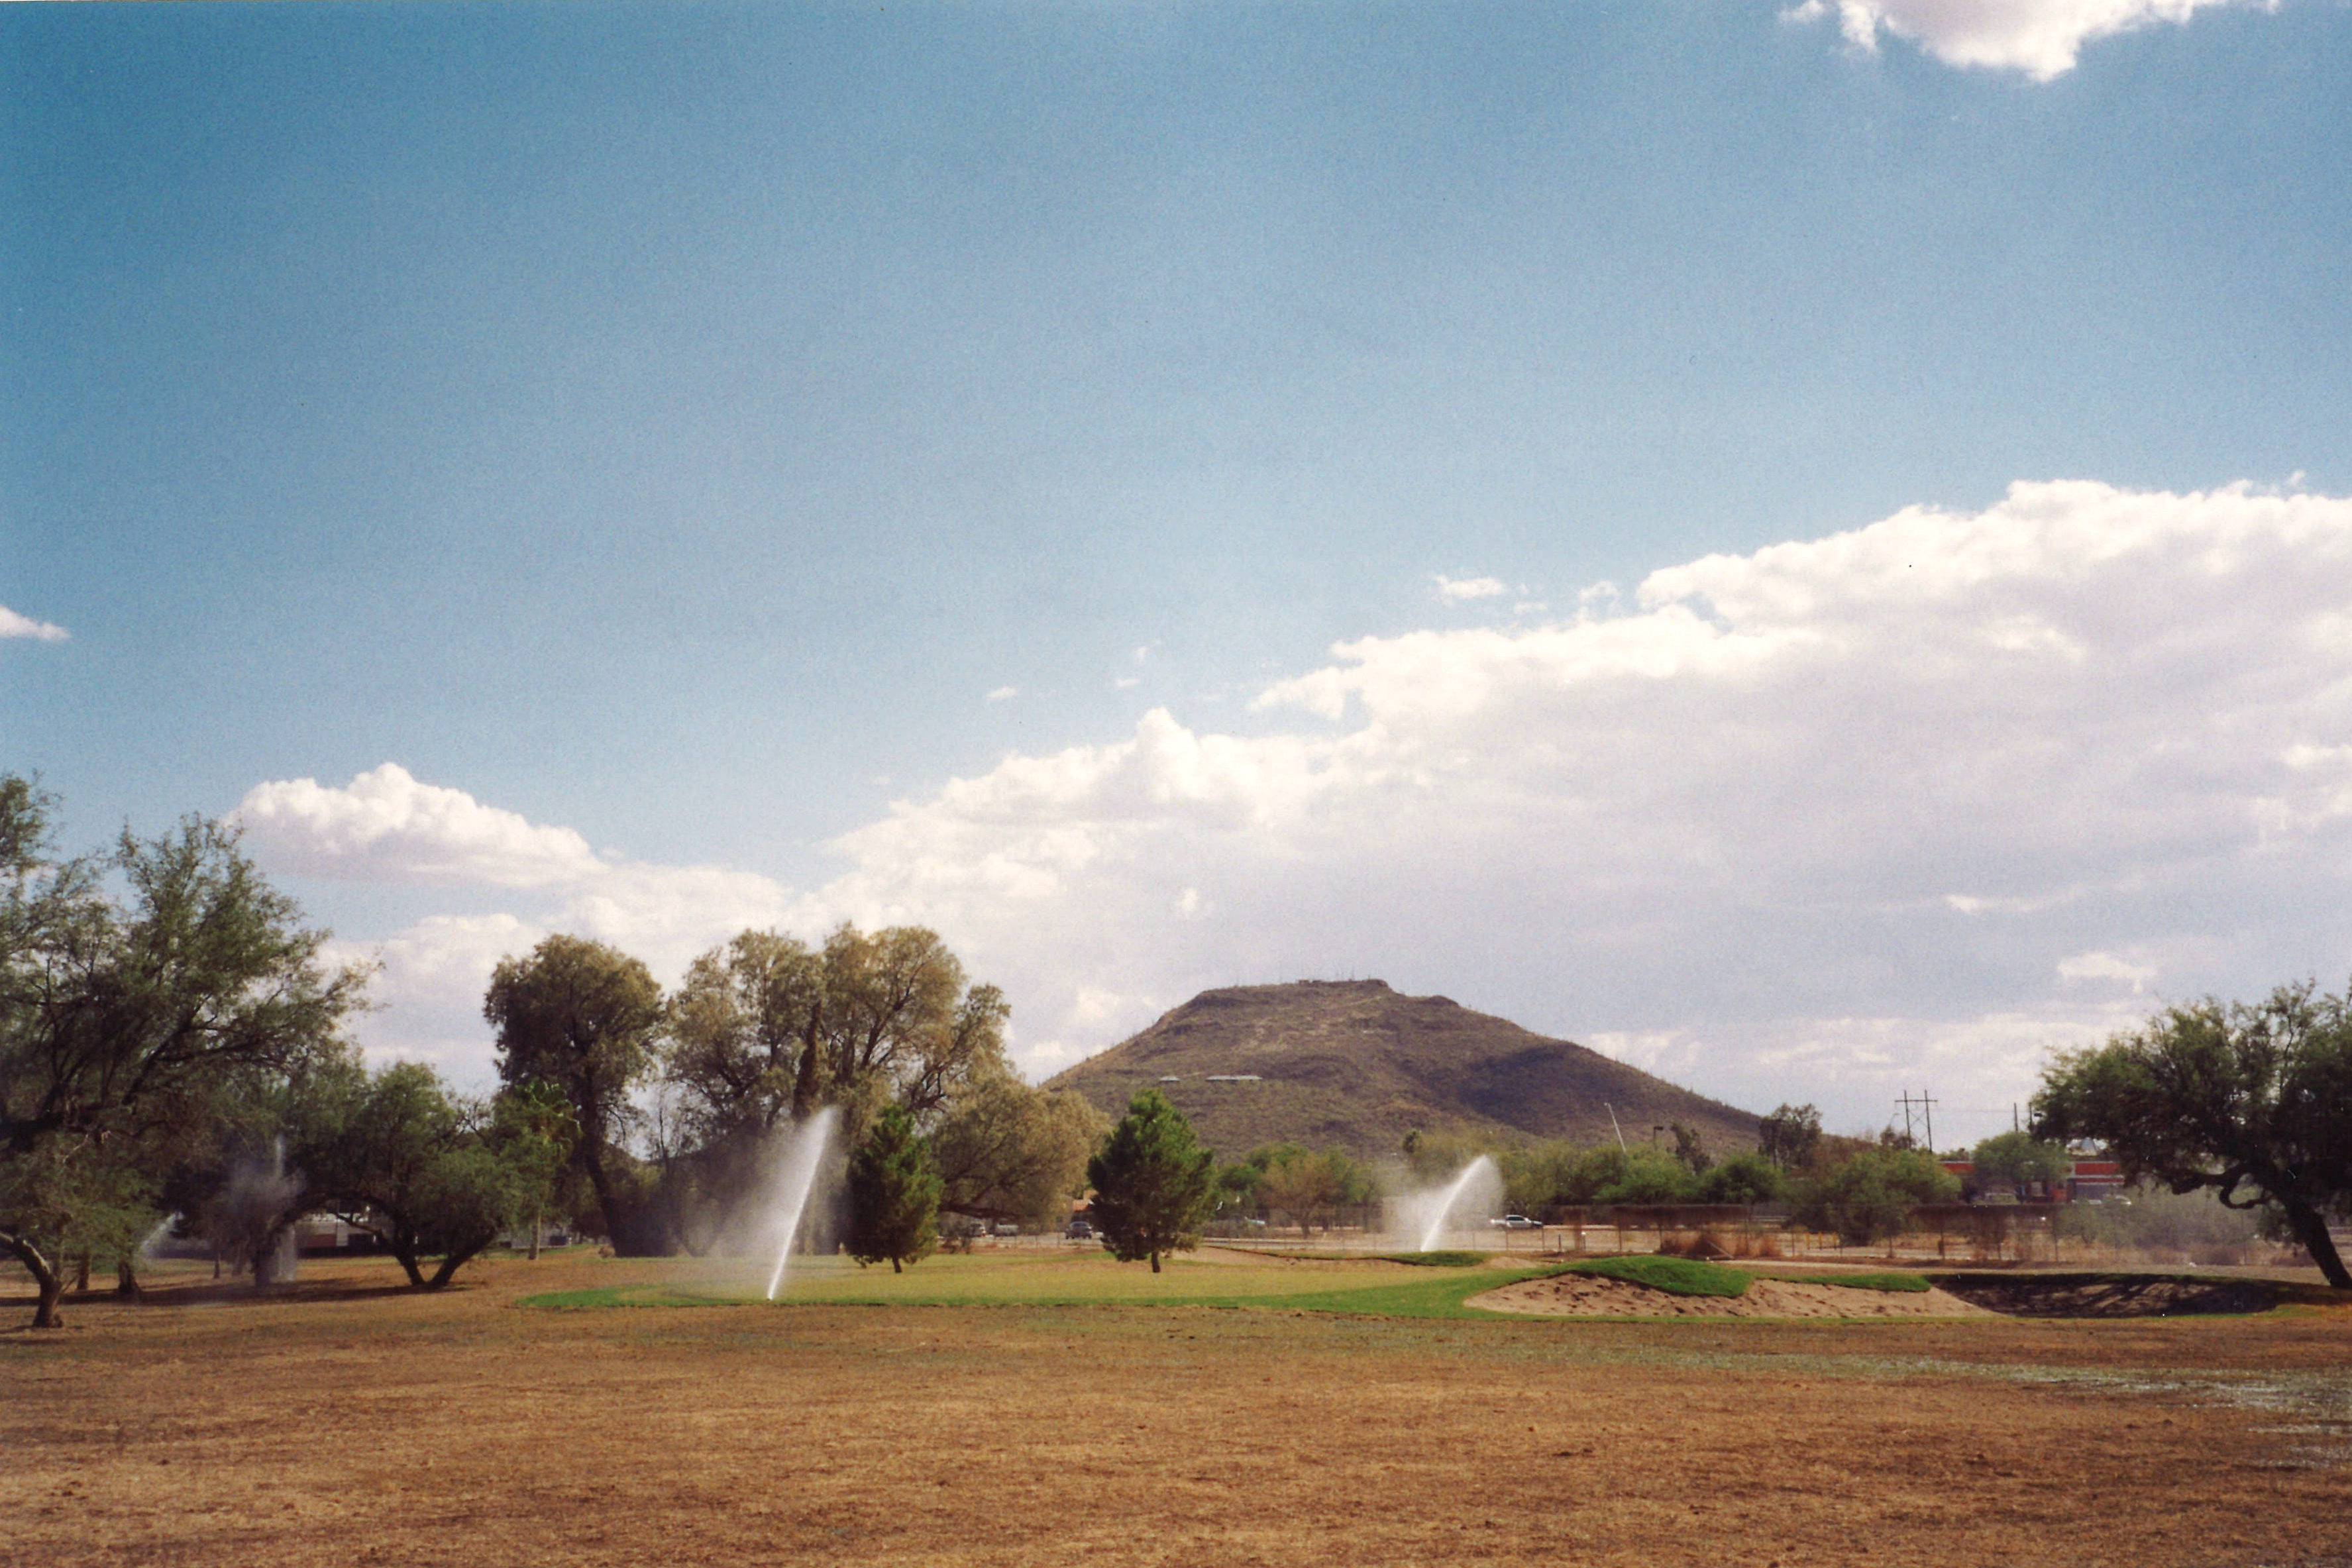 El Rio Tucson #12 Growin